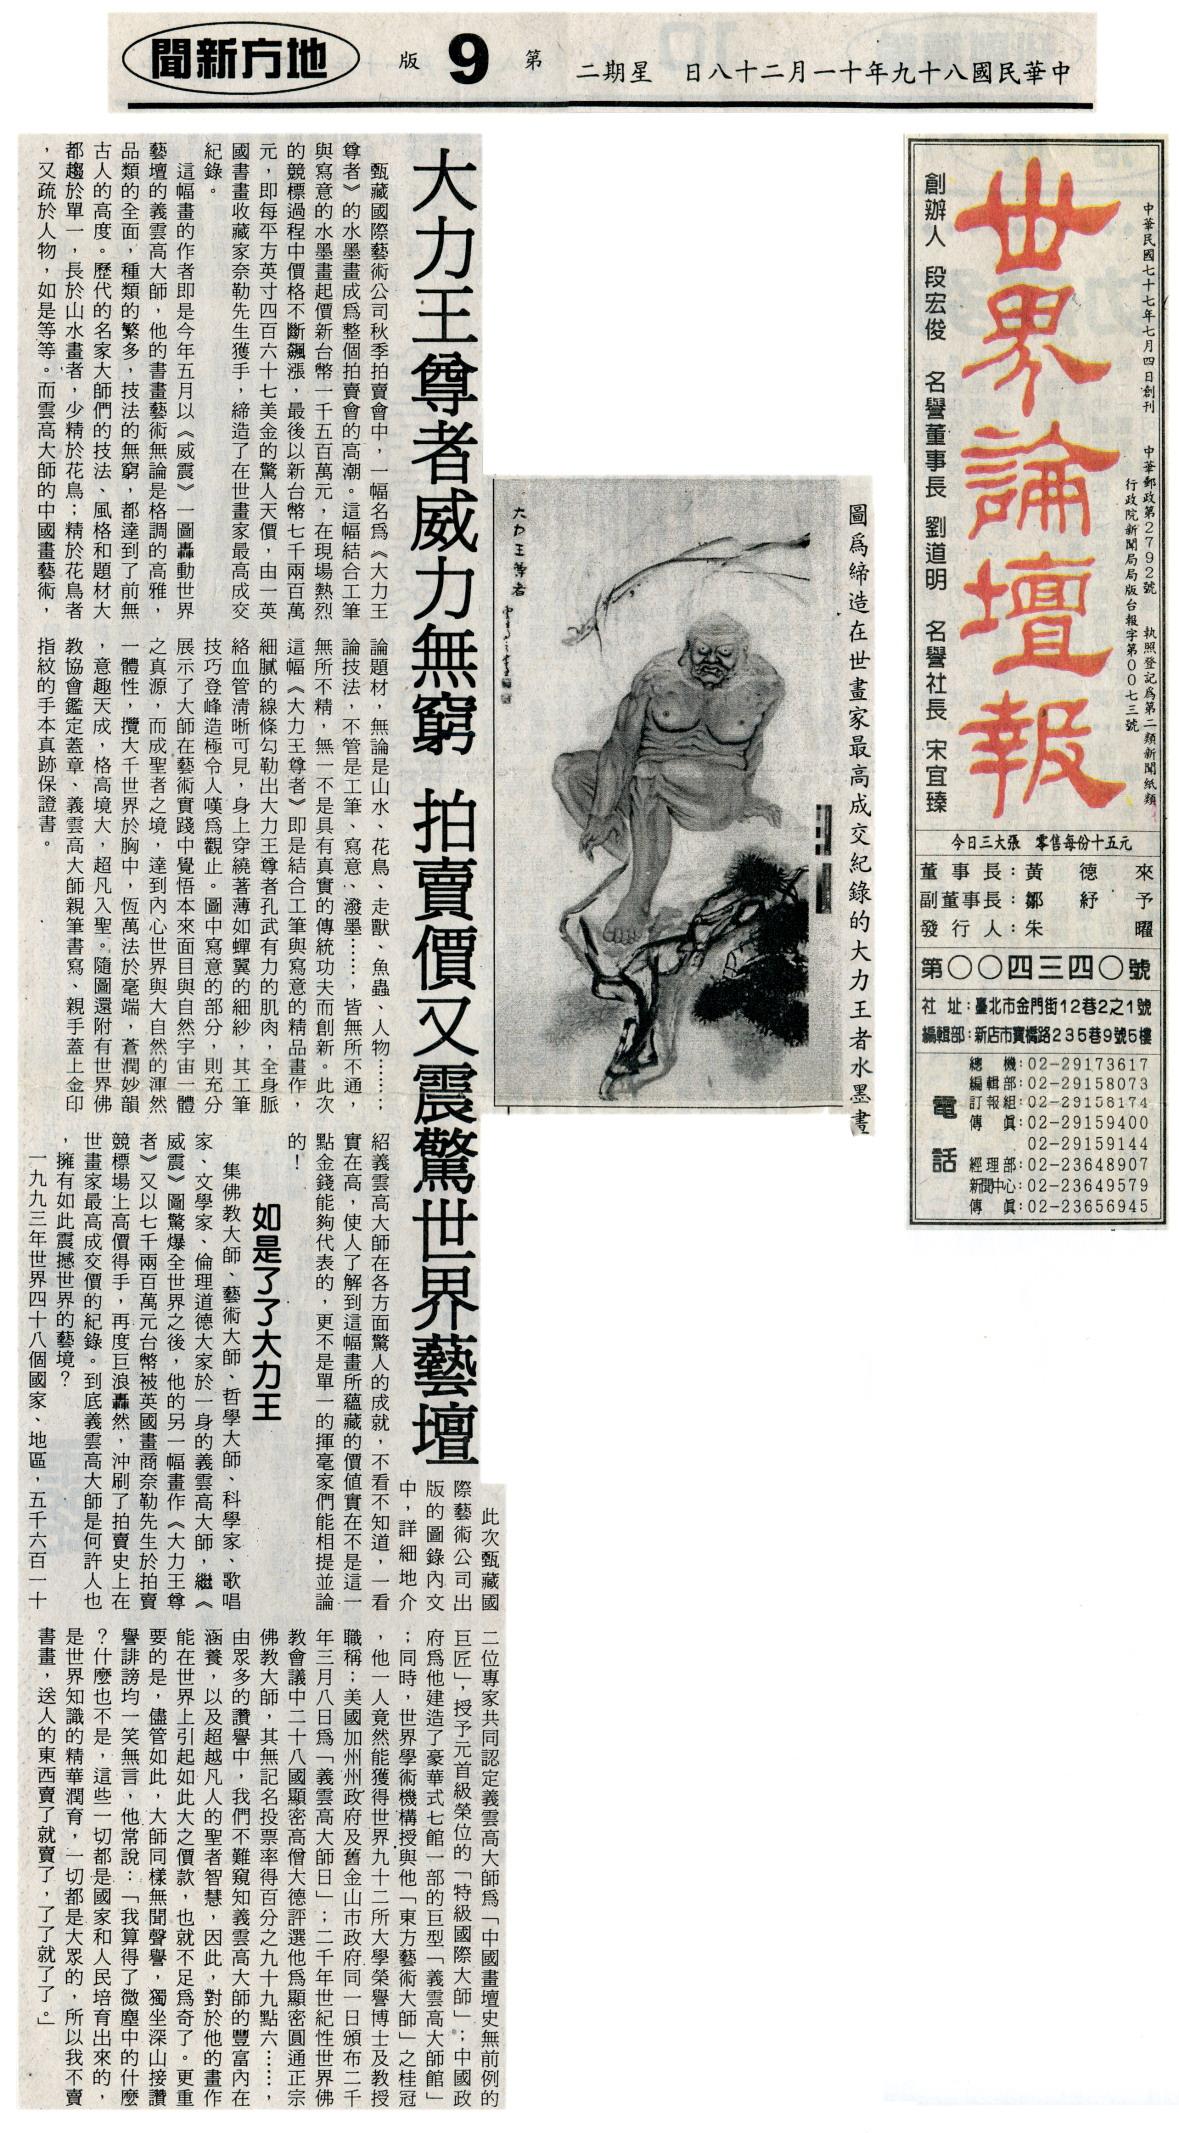 义云高大师画作大力王尊者威力无穷 拍卖价又震惊世界艺坛 第2张